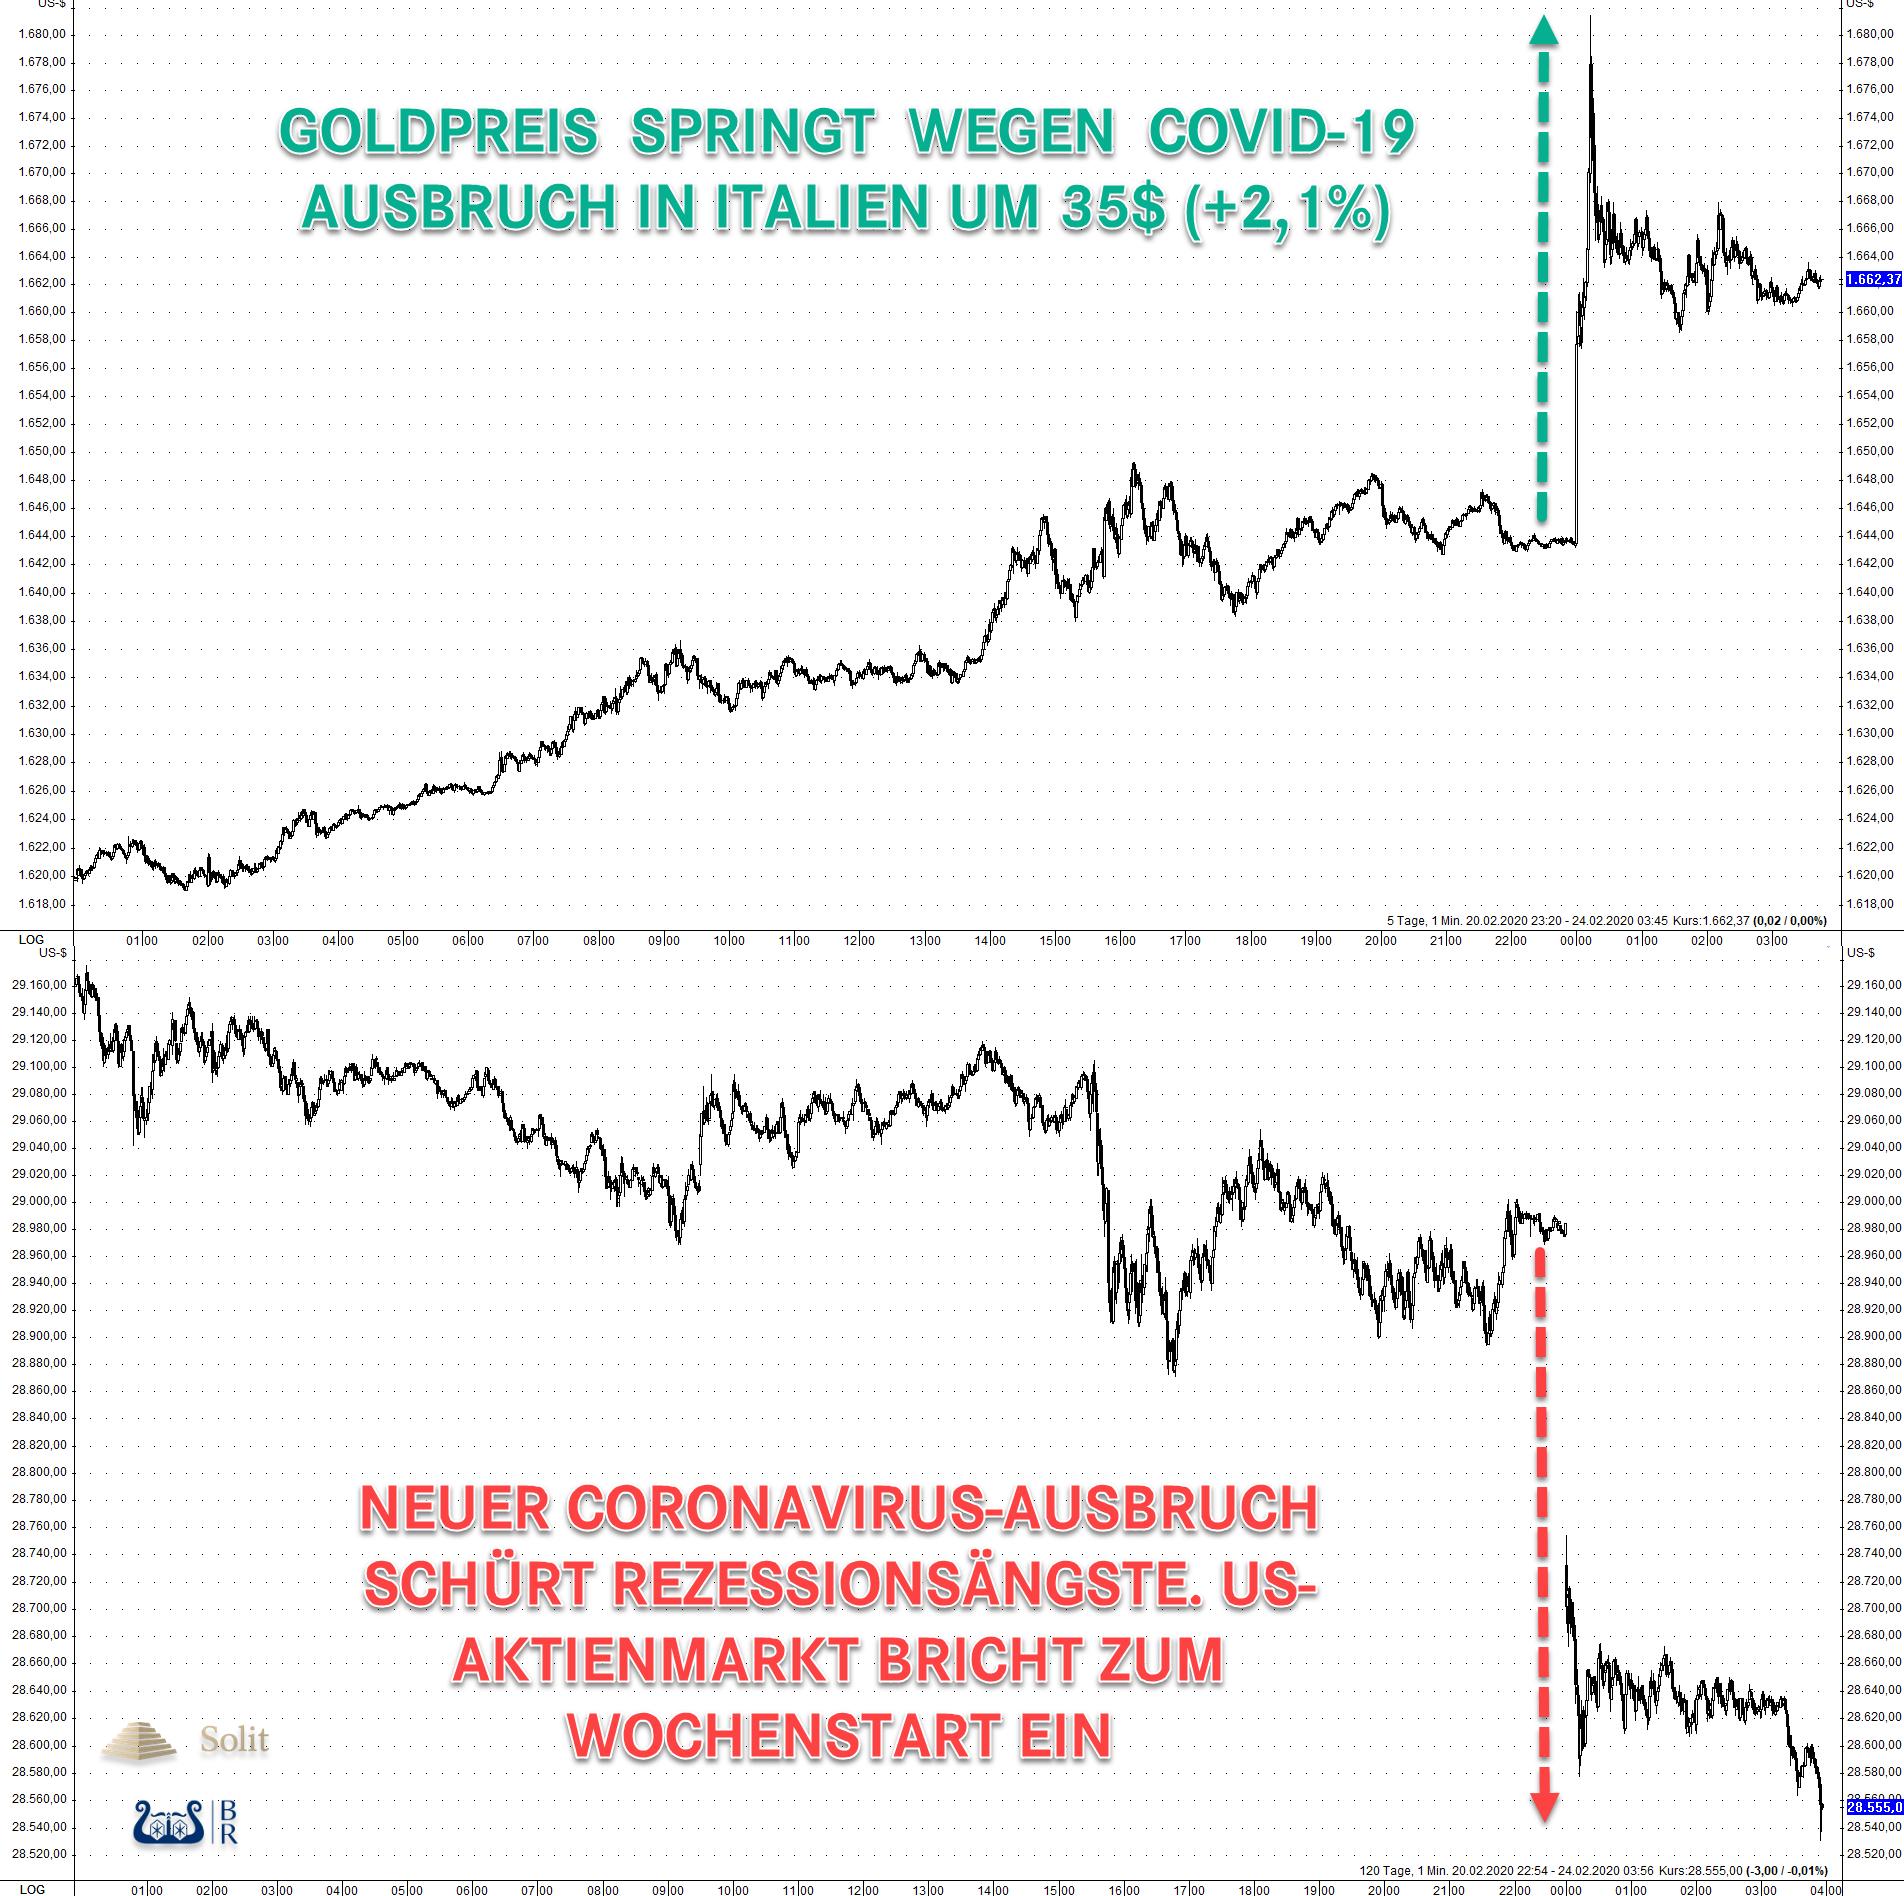 Aktienmarkt und Goldpreis 24.02.2020